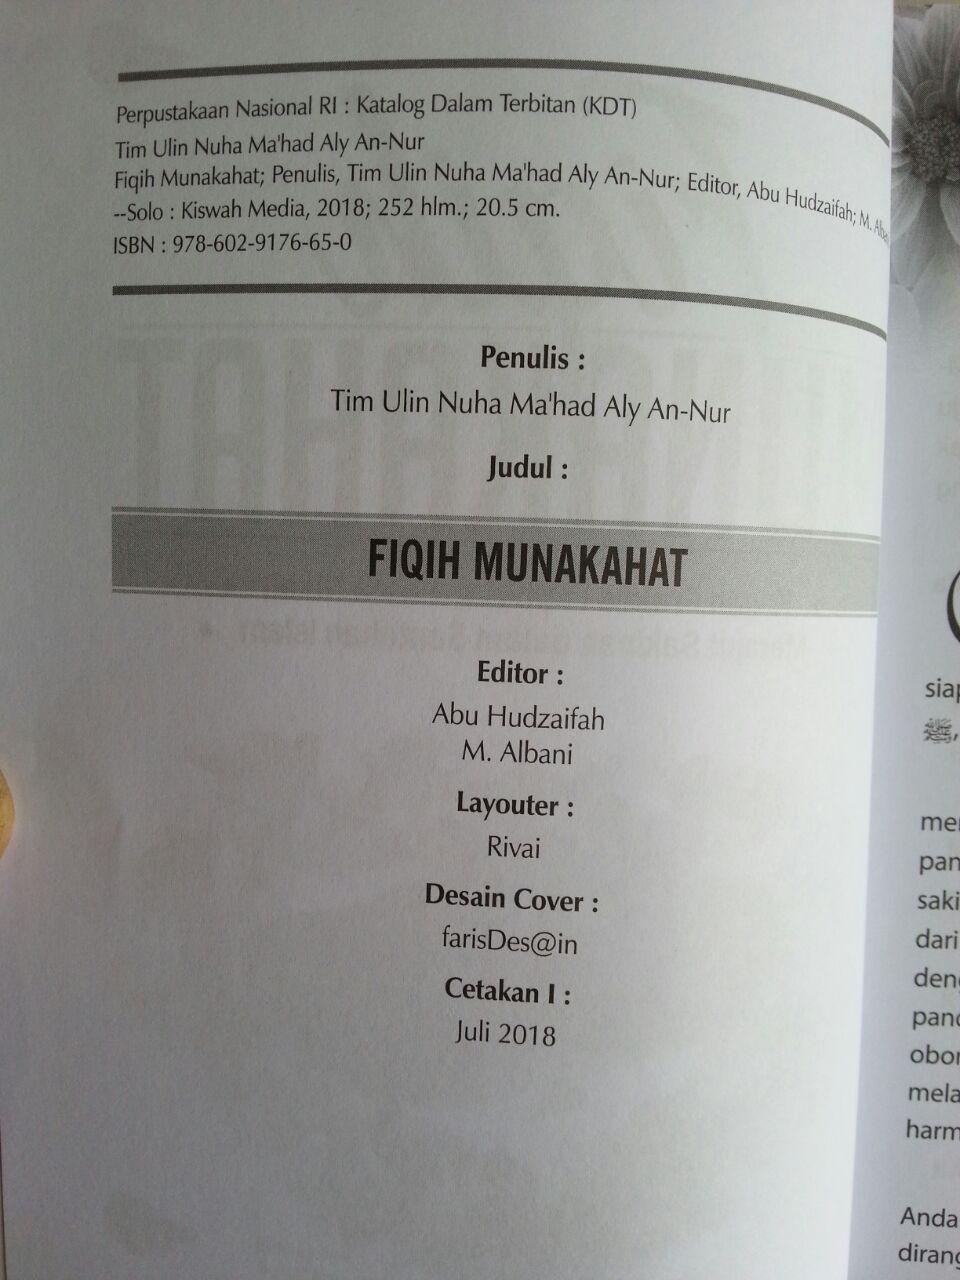 Buku Fiqih Munakahat Kajian Praktis Fiqih Pra Pasca Nikah isi 2